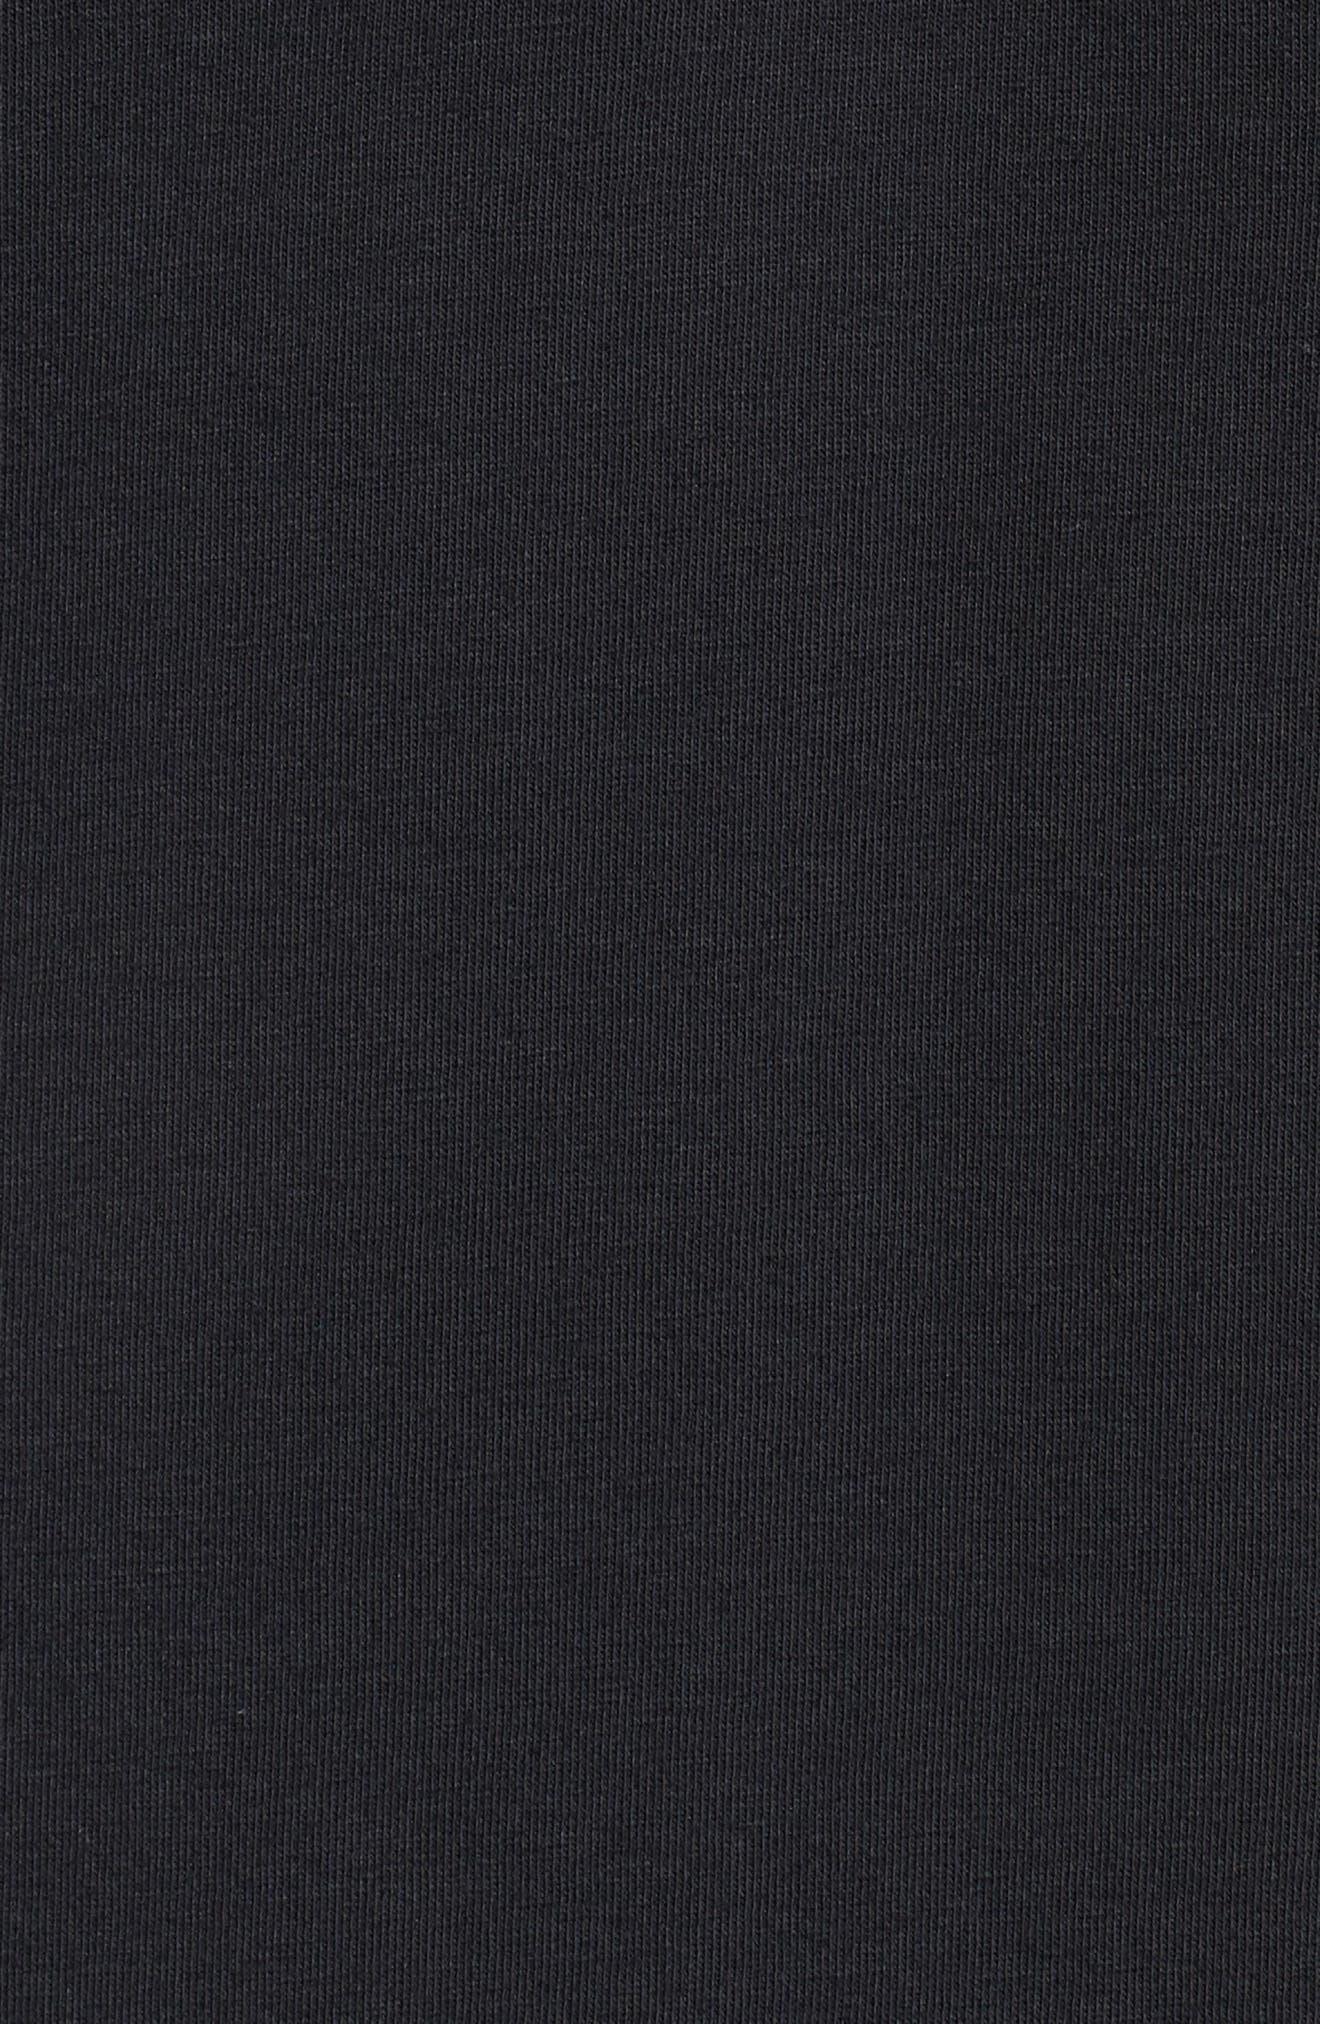 Mesh Panel T-Shirt,                             Alternate thumbnail 5, color,                             BLACK